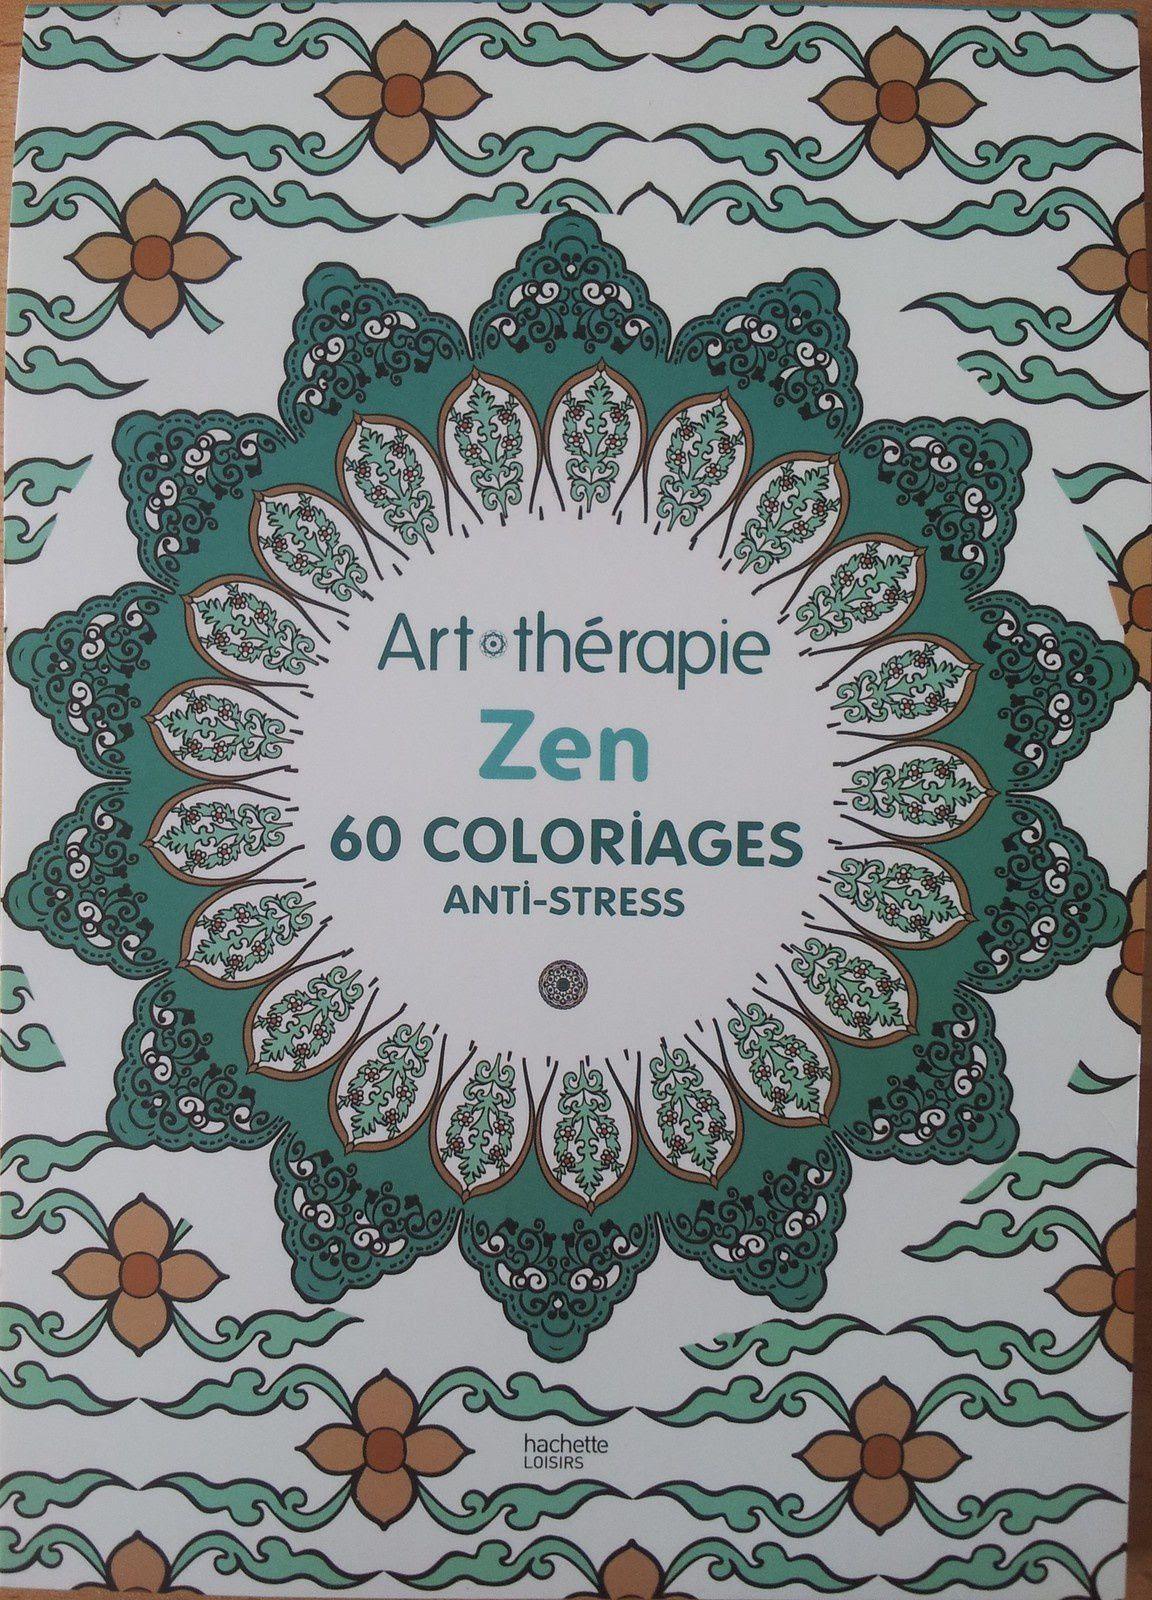 Livres De Coloriages Pour Adultes Et Enfants Vivrelivre